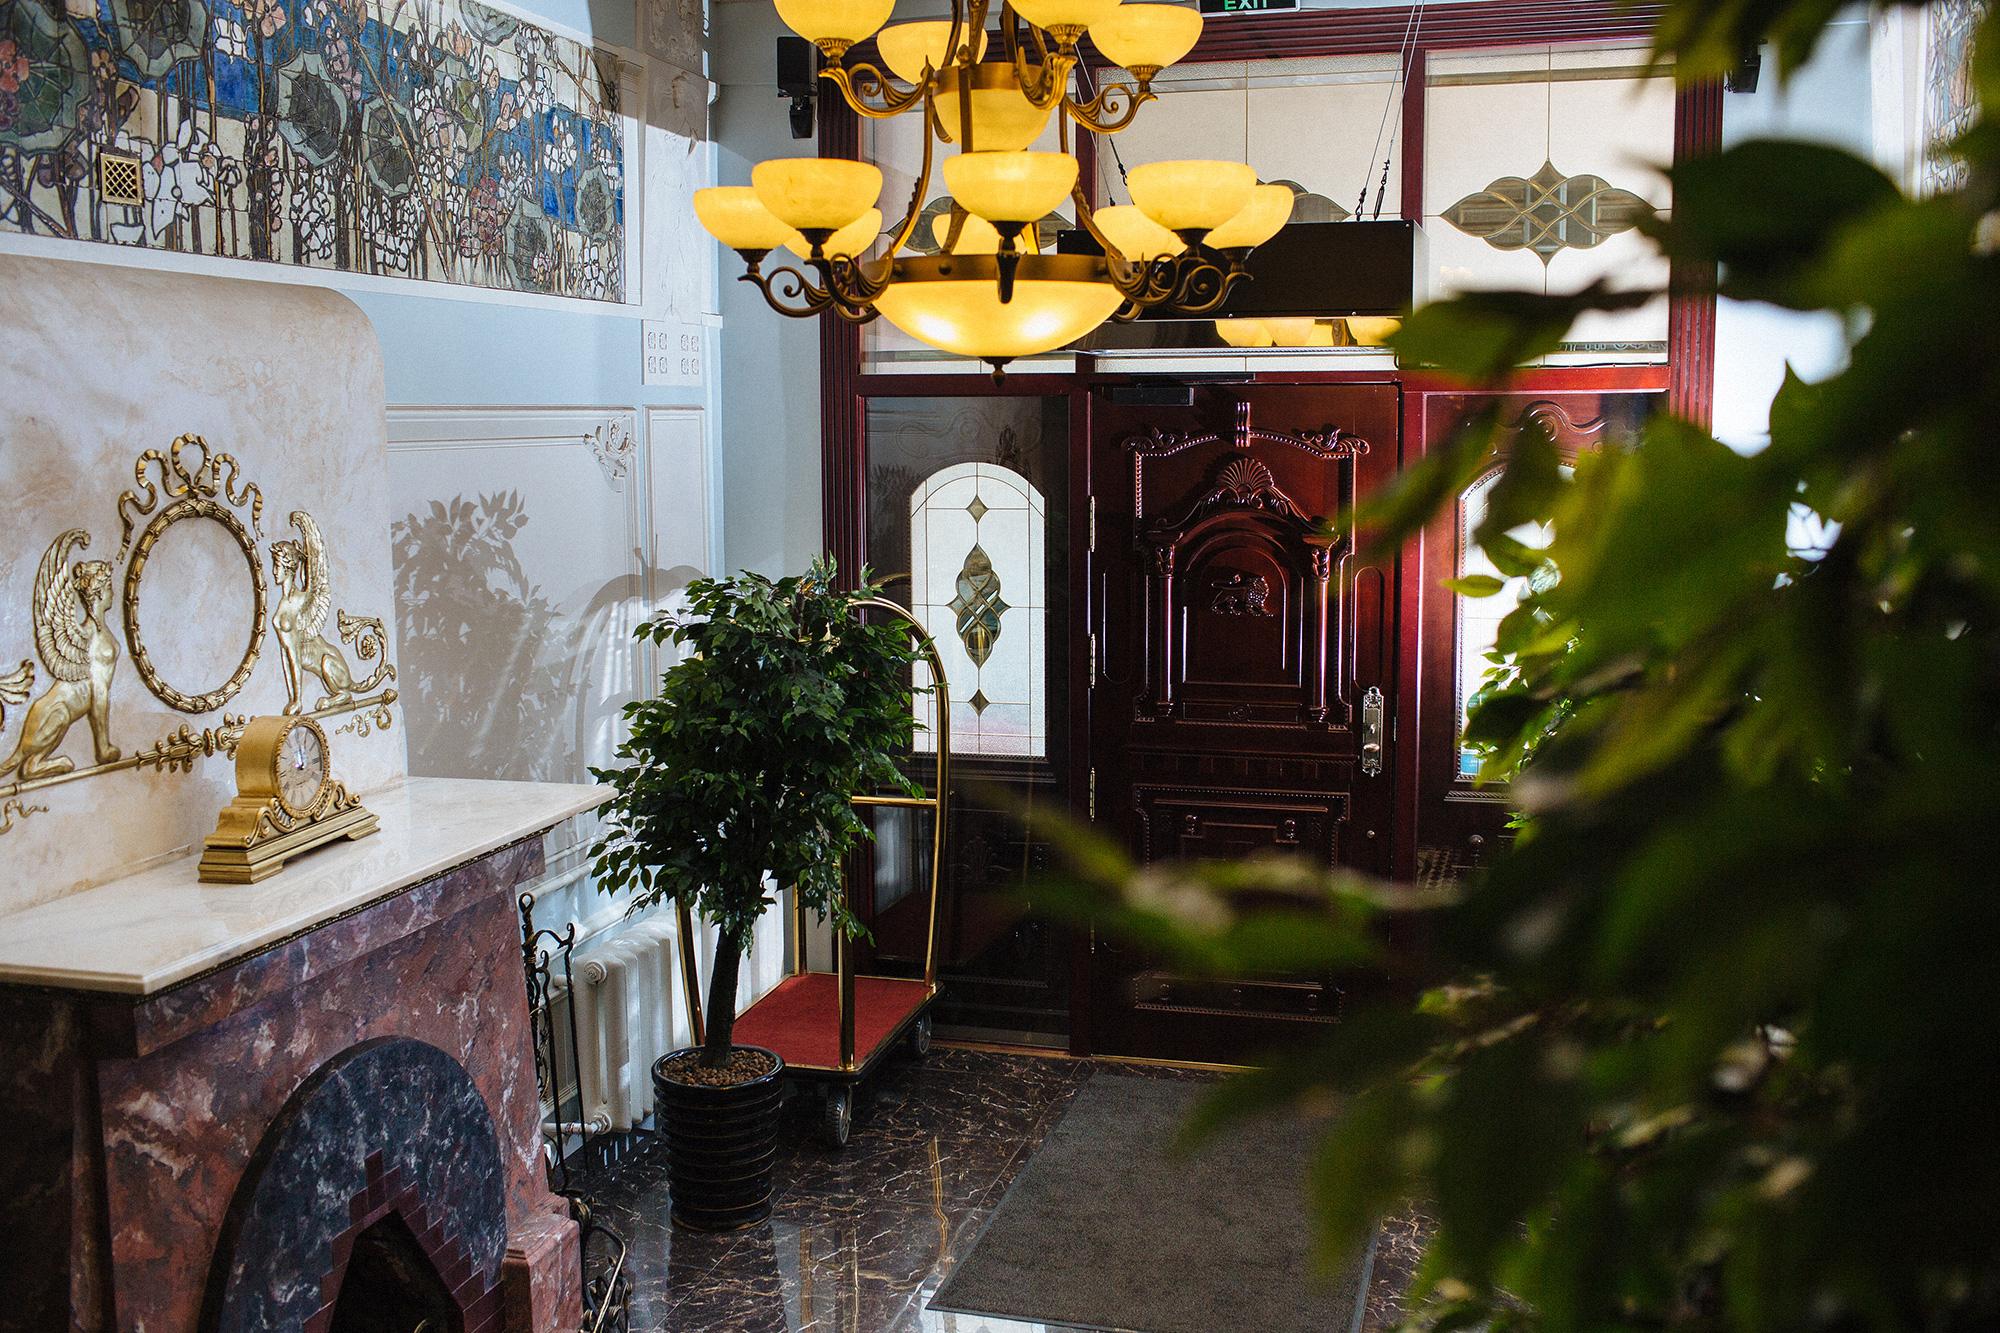 Интерьерная фотосъемка для отеля. Фотоагентство Magritte